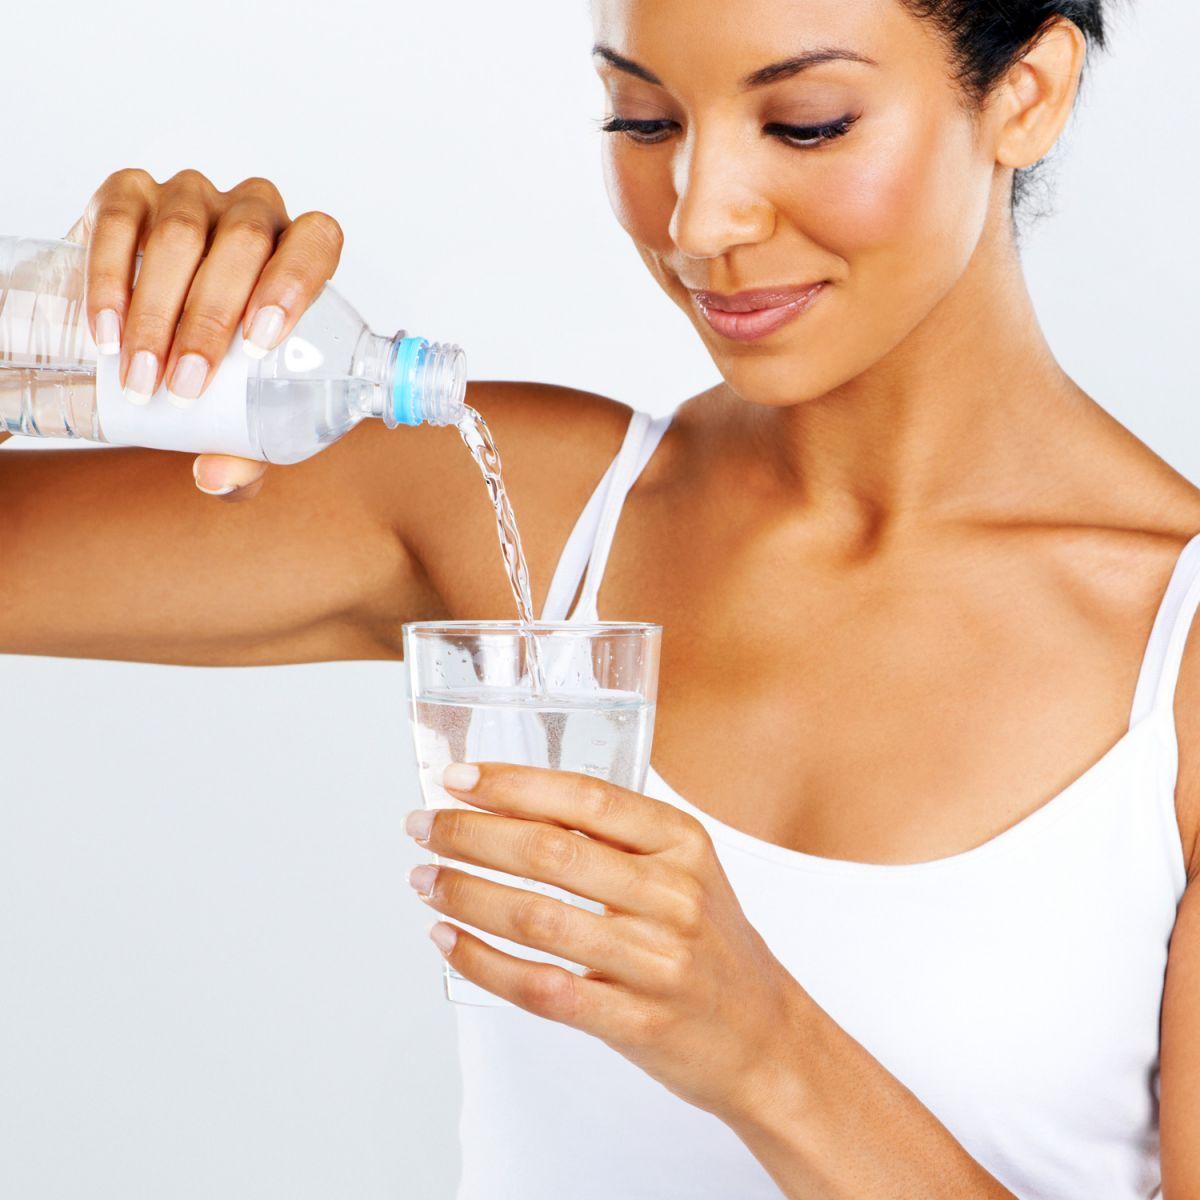 Как правильно пить воду - фото №1